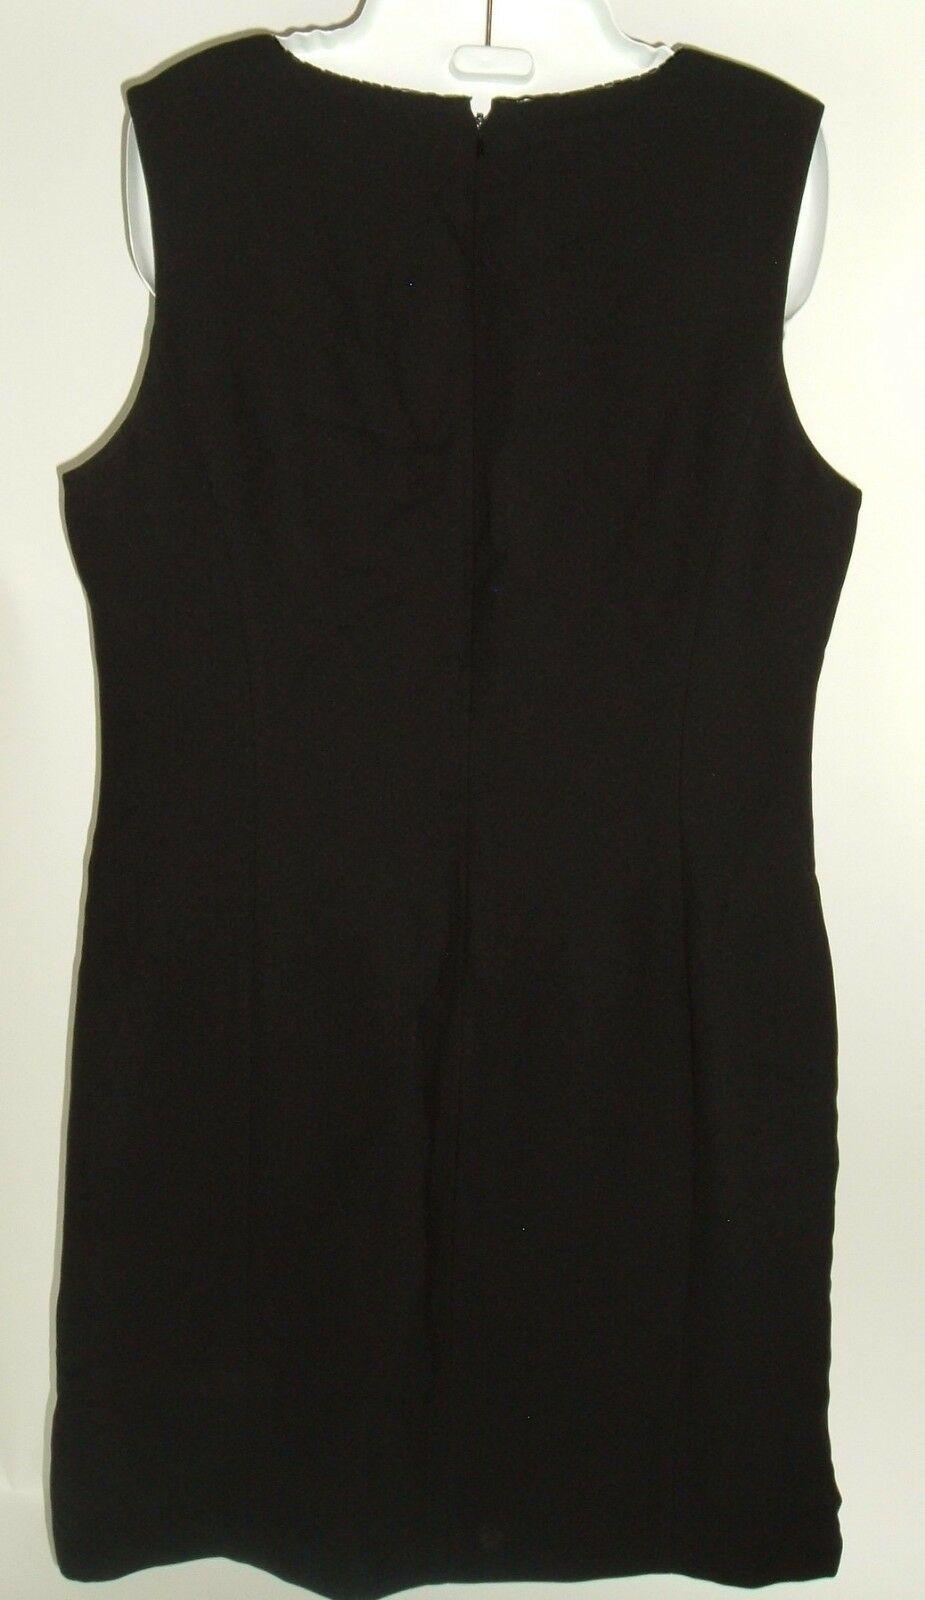 Women's Petite Sophisticate Black Shift Dress Sz 12 Vtg 90s LBD Beaded Neckline image 3